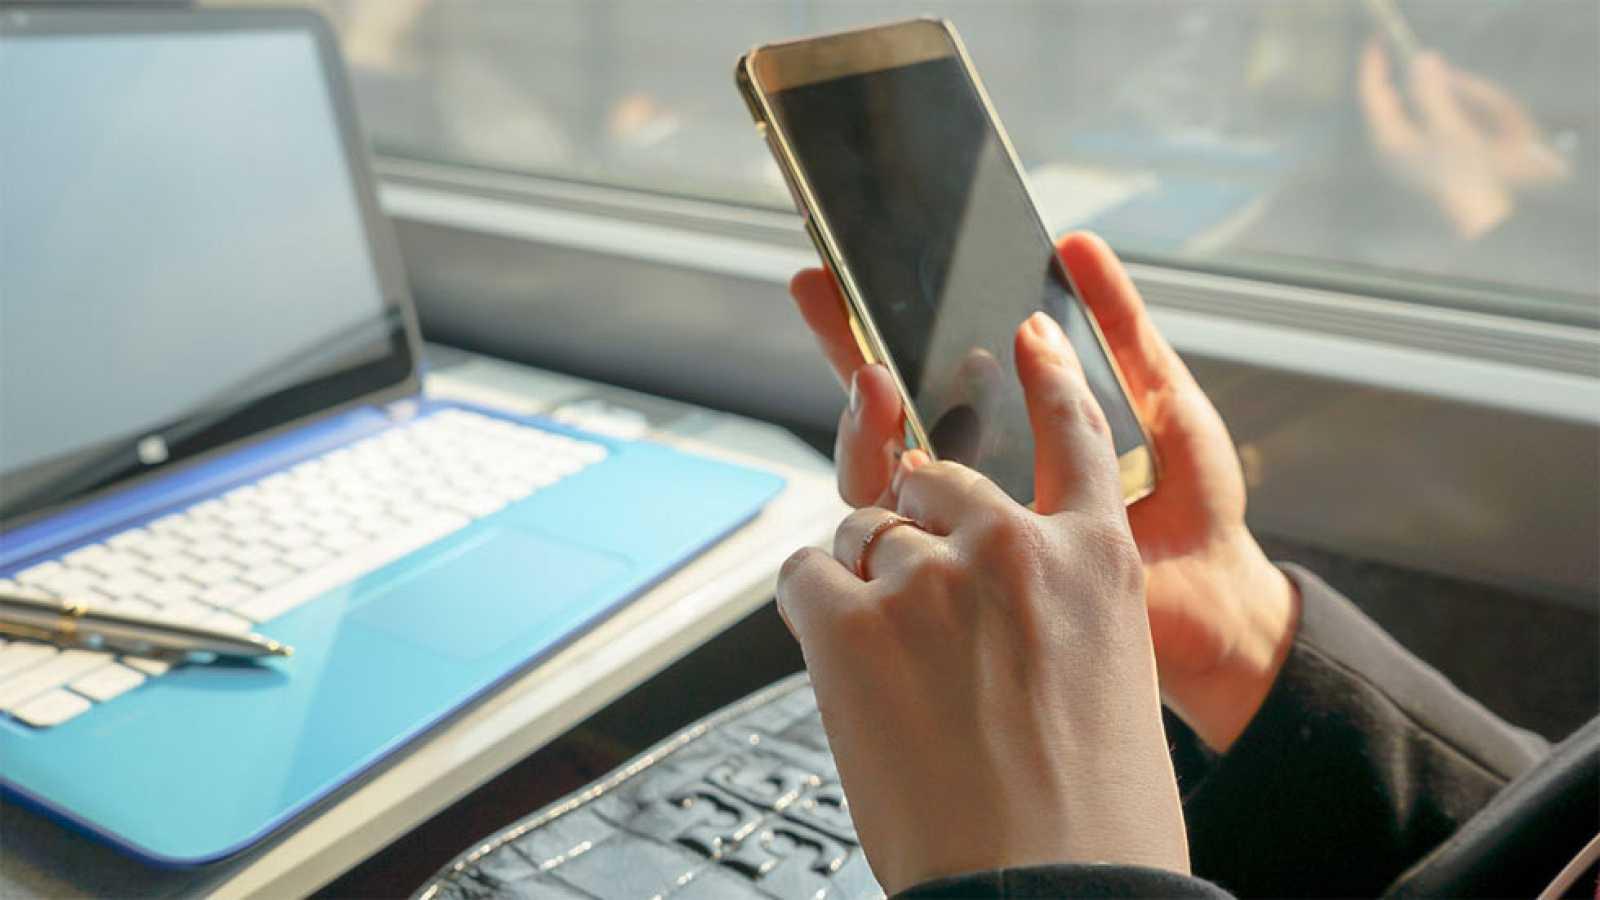 La UE acuerda los límites para las tarifas mayoristas de 'roaming', último paso para la itinerancia gratuita